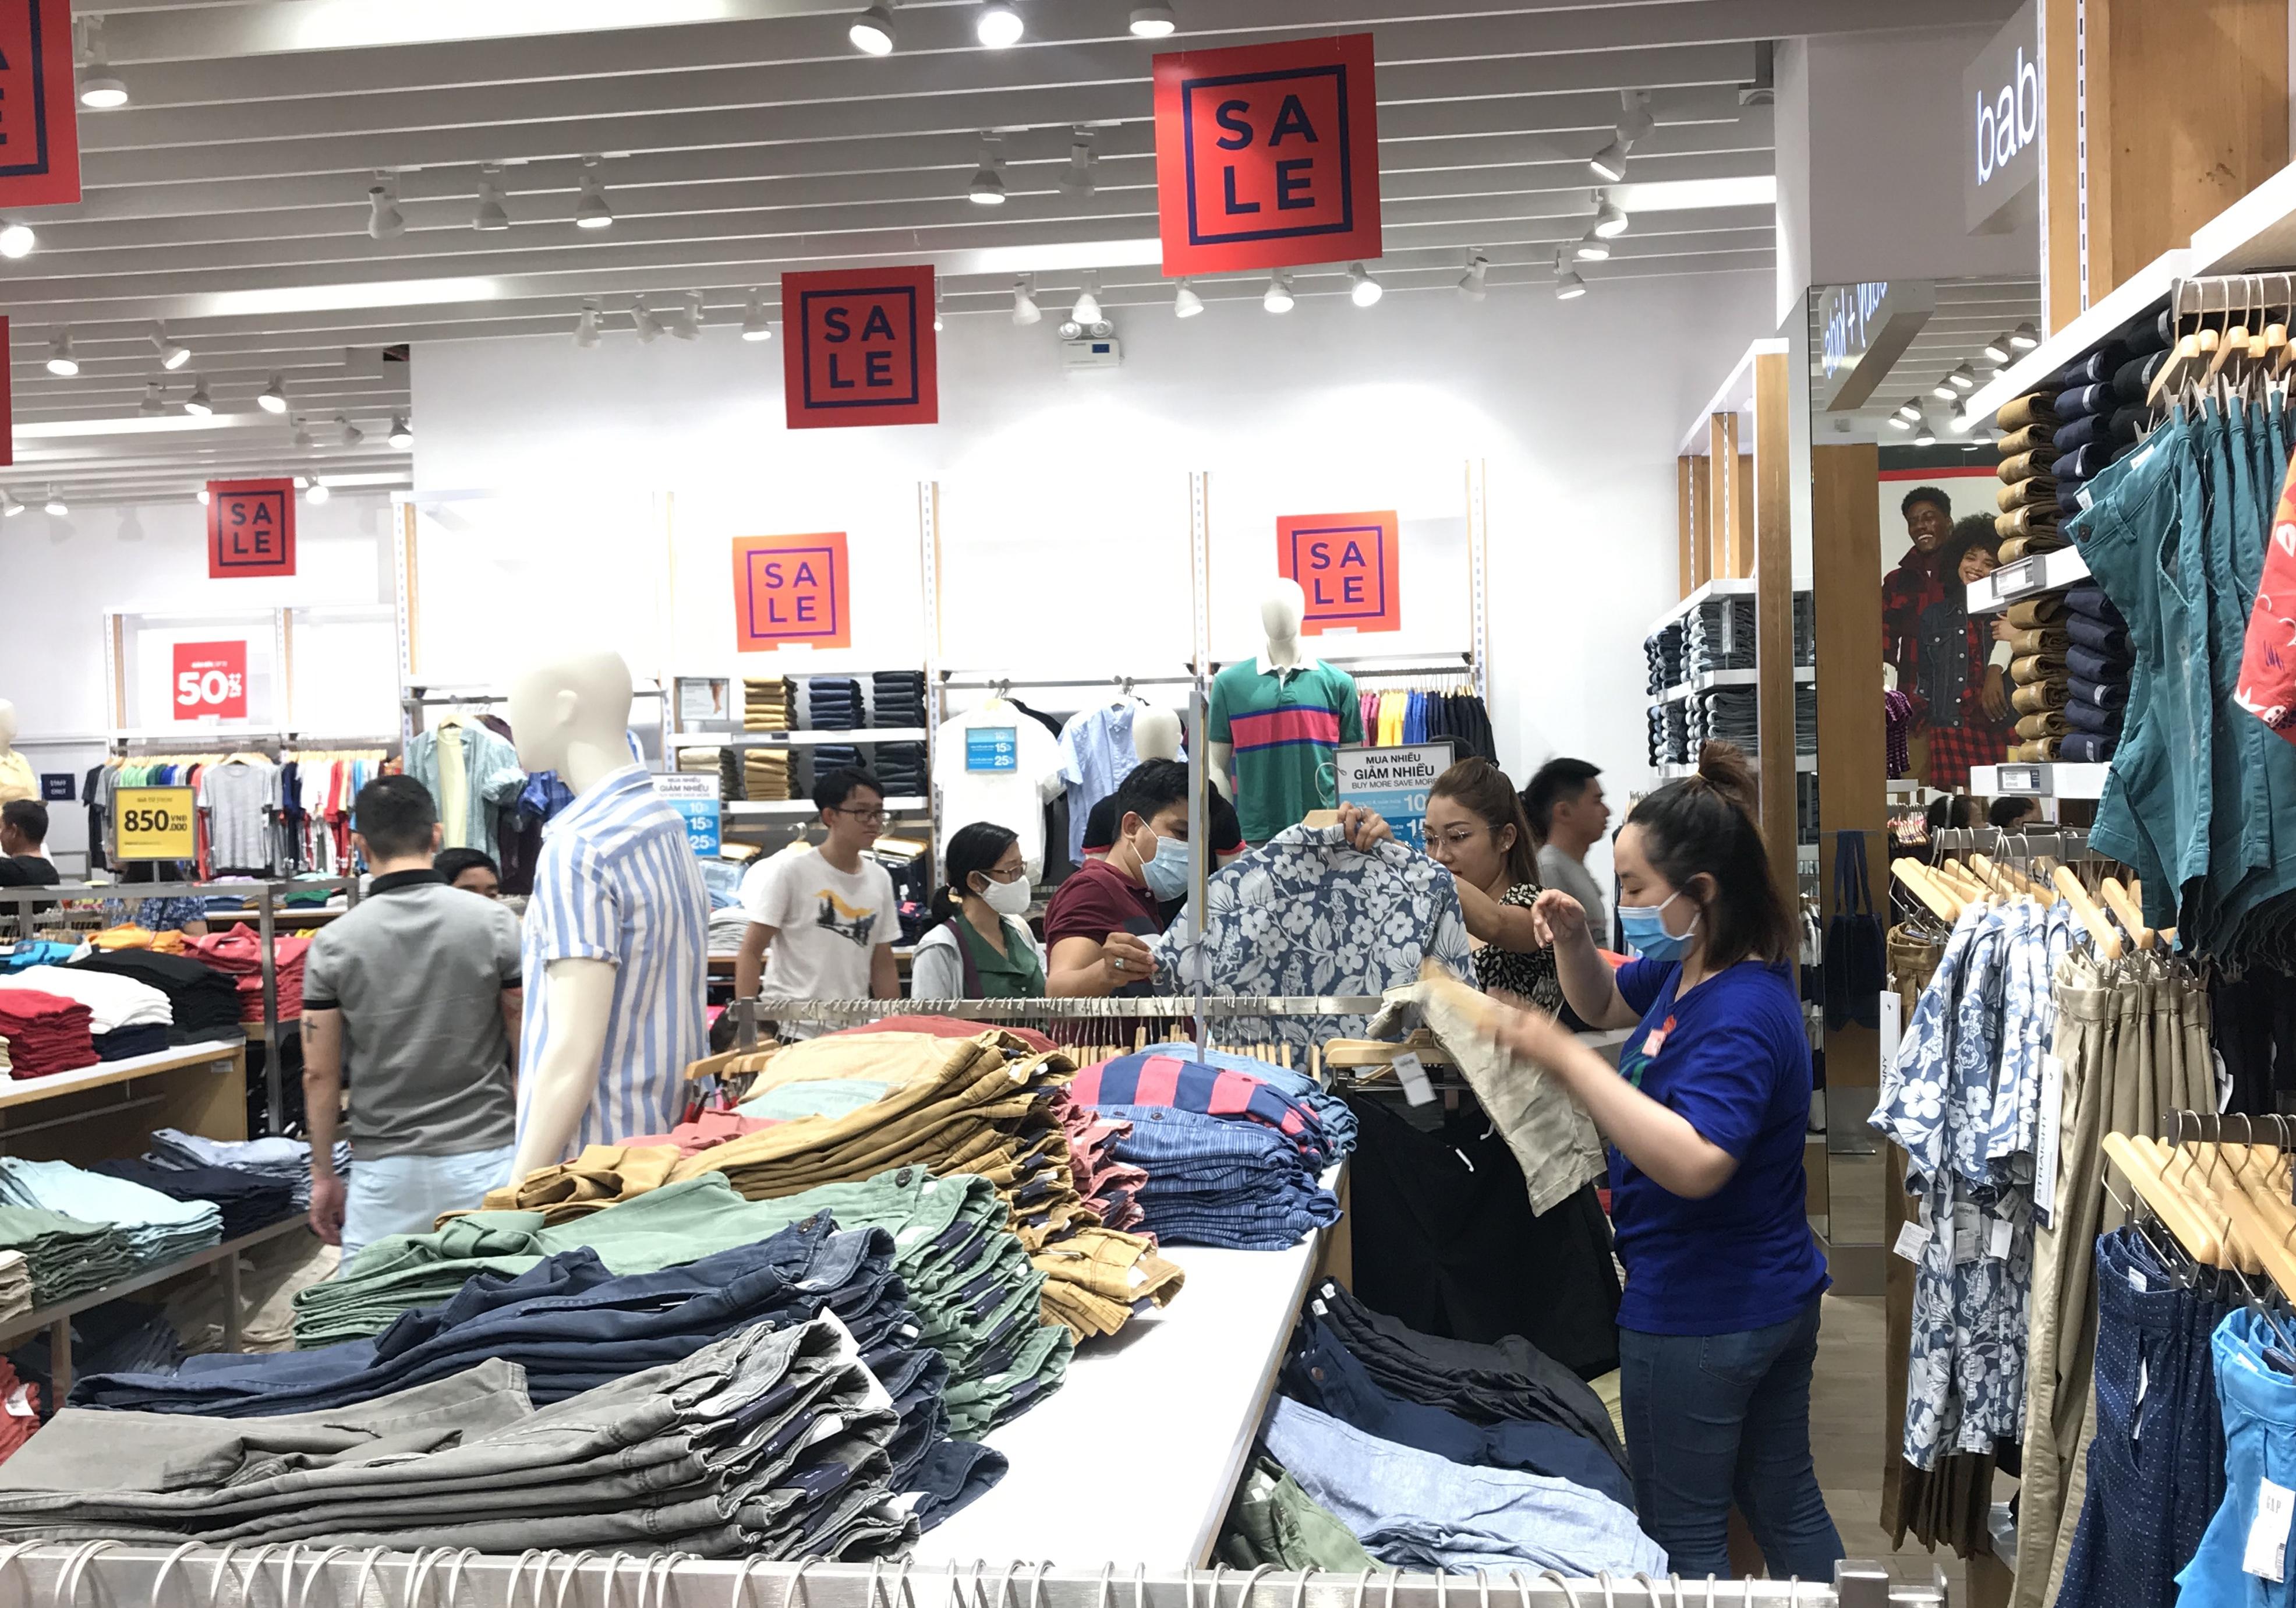 Hàng hiệu lần đầu giảm giá kịch trần lên 100%, người Sài Gòn đổ xô đi mua sắm hậu COVID-19 - Ảnh 2.